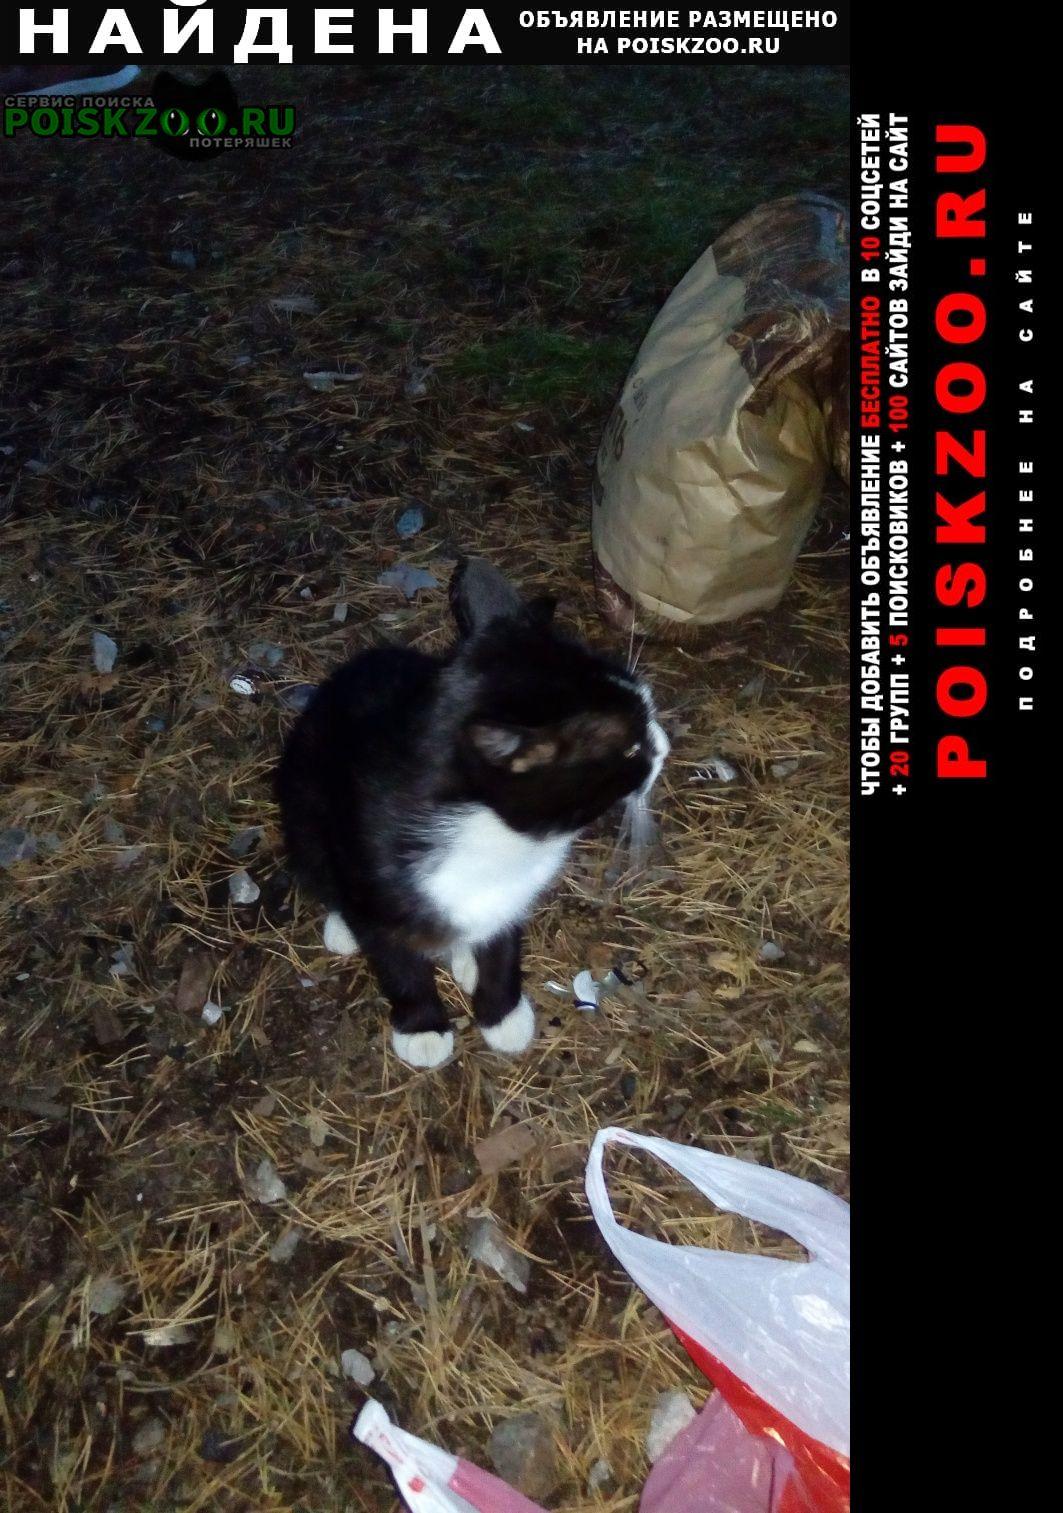 Найдена кошка с.кунгурка Дегтярск